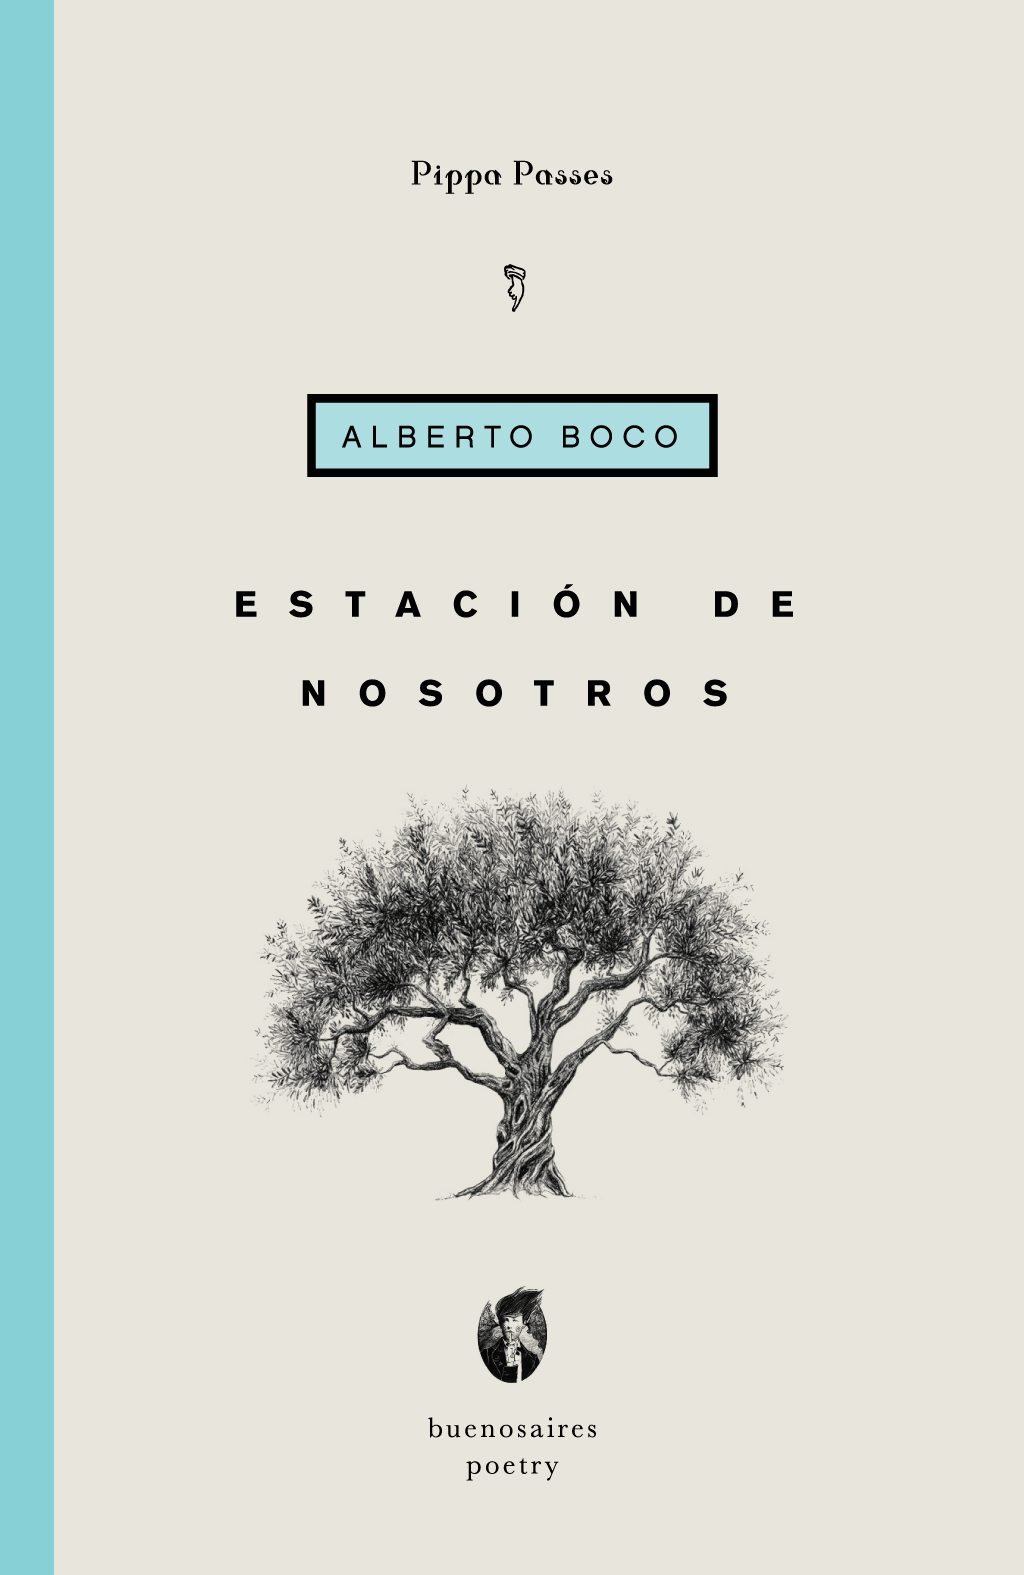 Libro BOCO Estación de nosotros